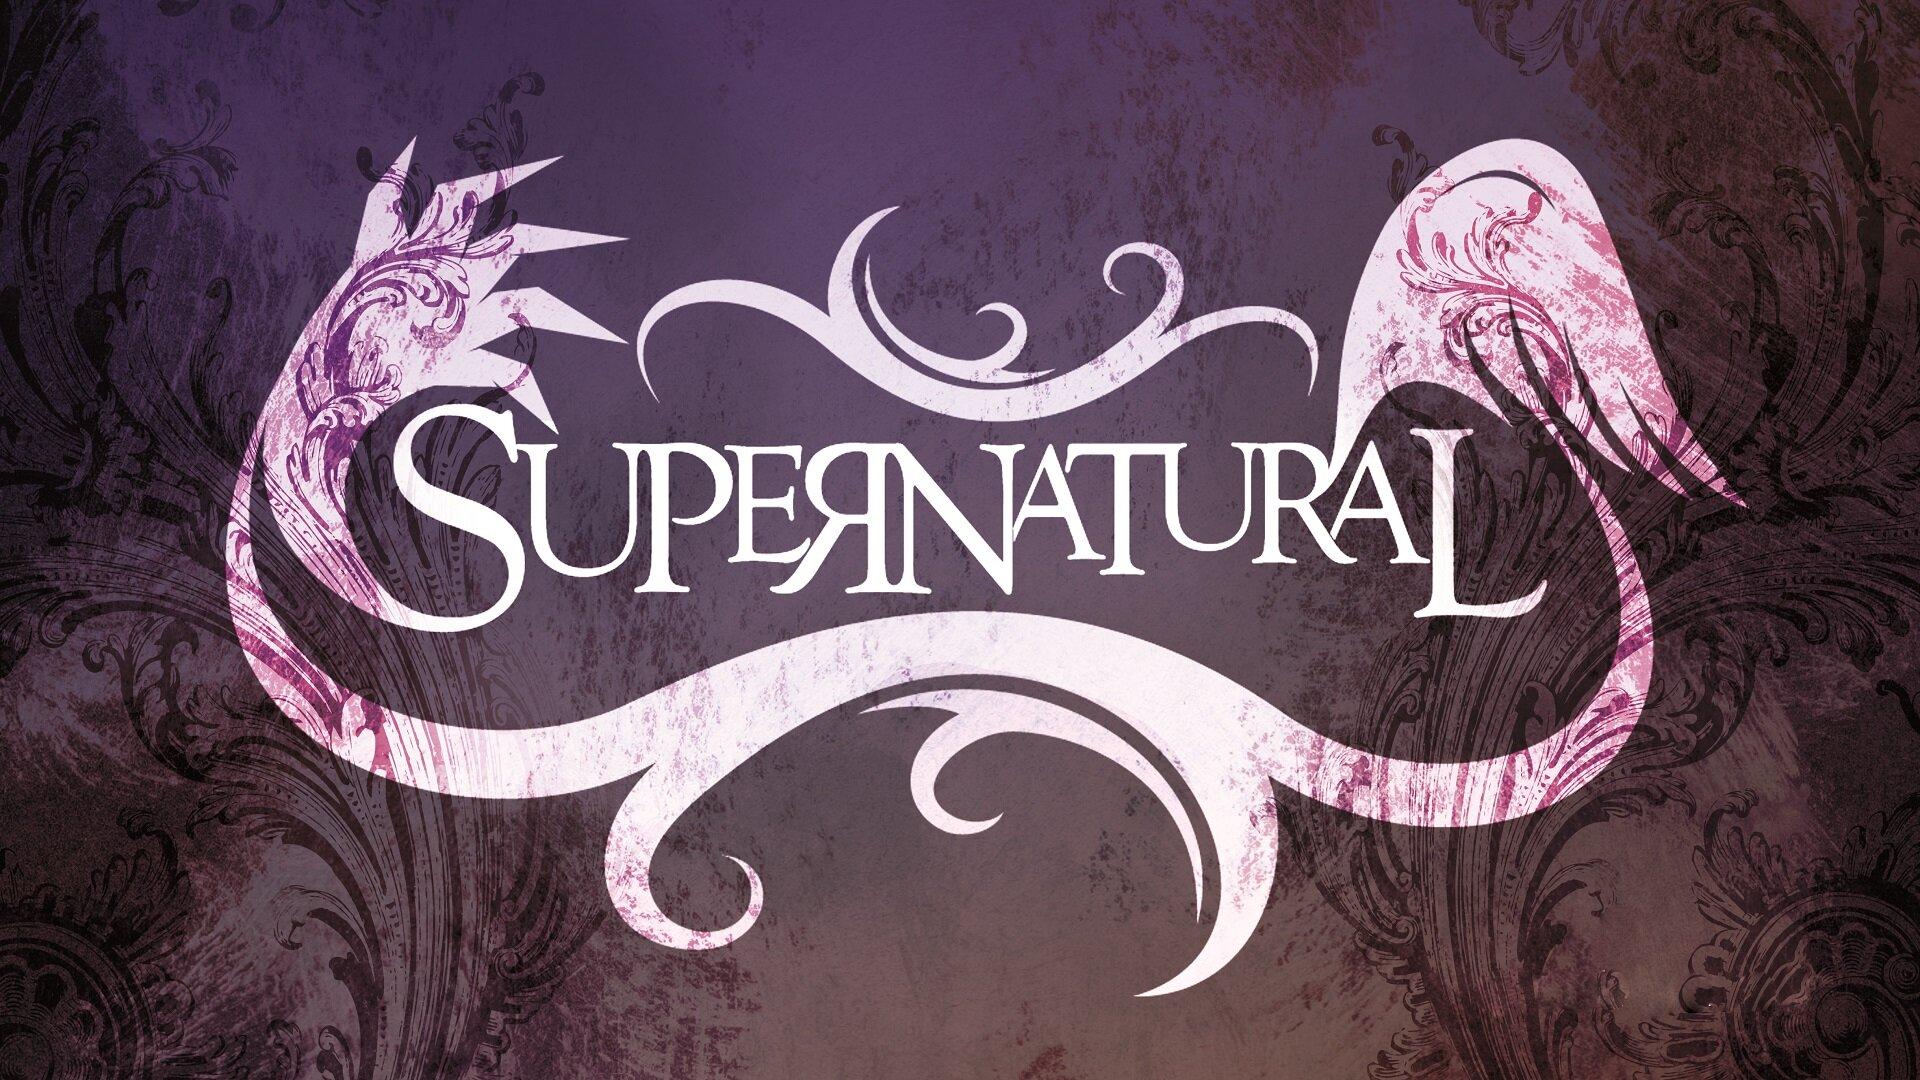 - Supernatural 1: Introducing the Holy SpiritSeptember 22, 2019Speaker: Jim Dunn